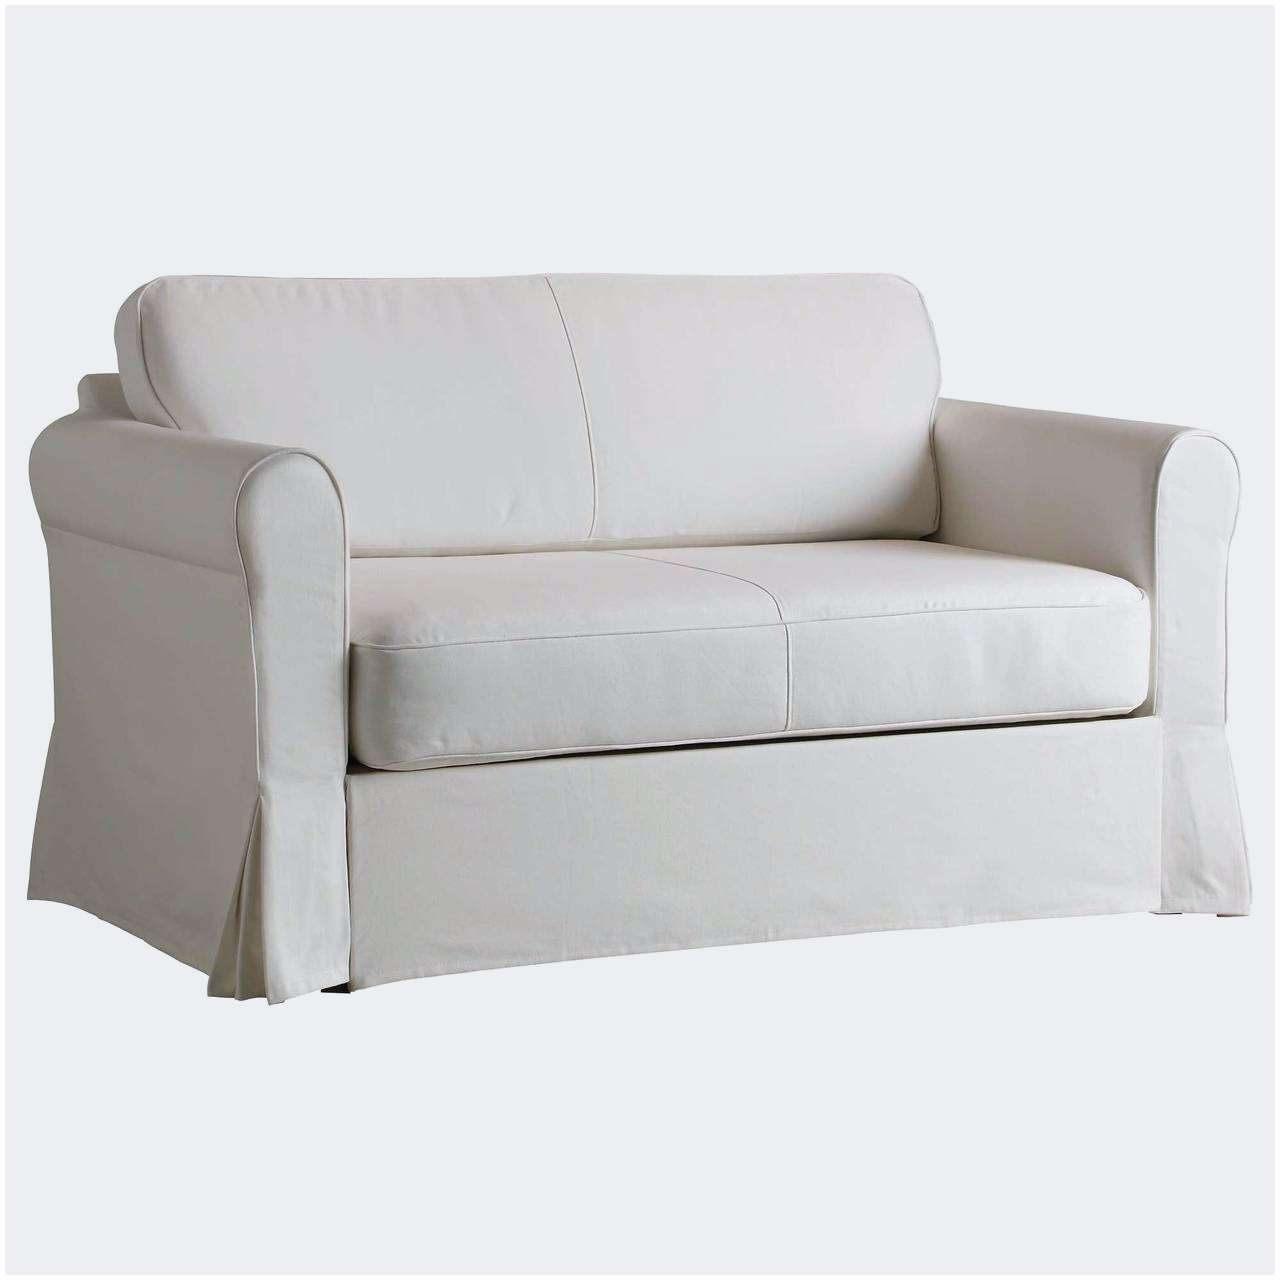 Canapé Lit Gigogne Ikea Magnifique Inspiré 48 Superbes Canapé D Angle Convertible Beige Pour